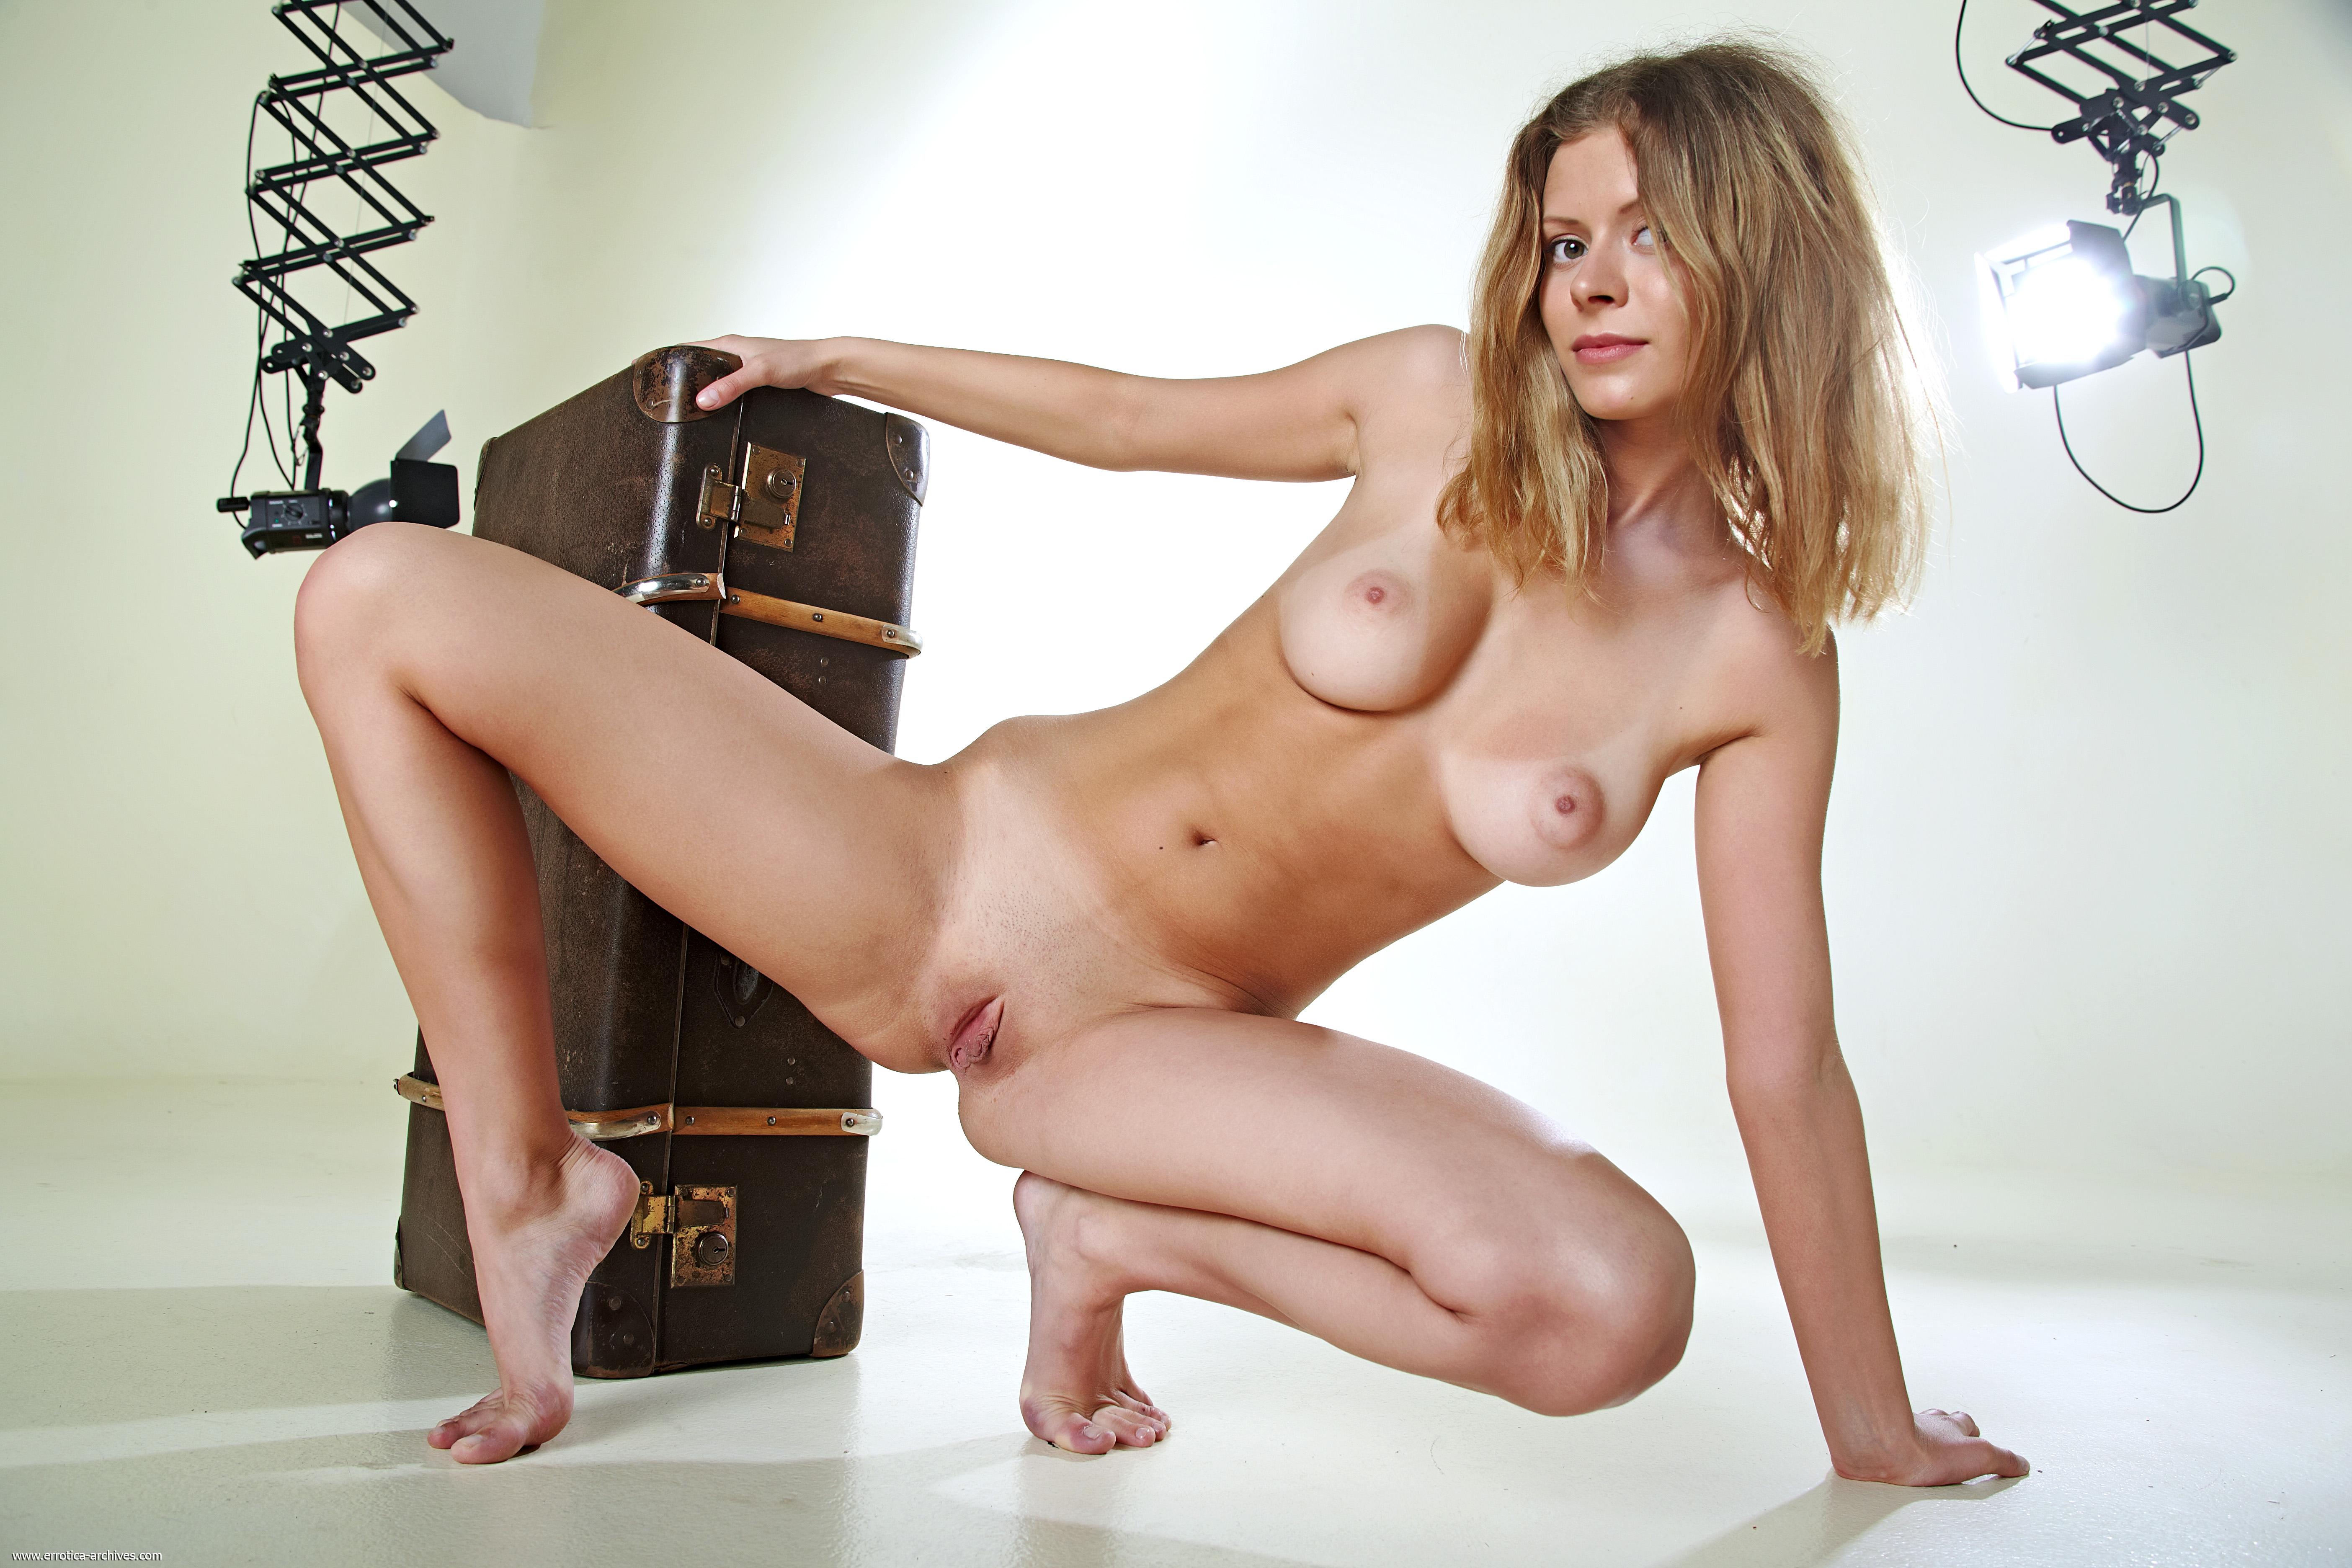 Раздеваются в студии, Яркая девушка позирует в студии - смотреть онлайн 23 фотография